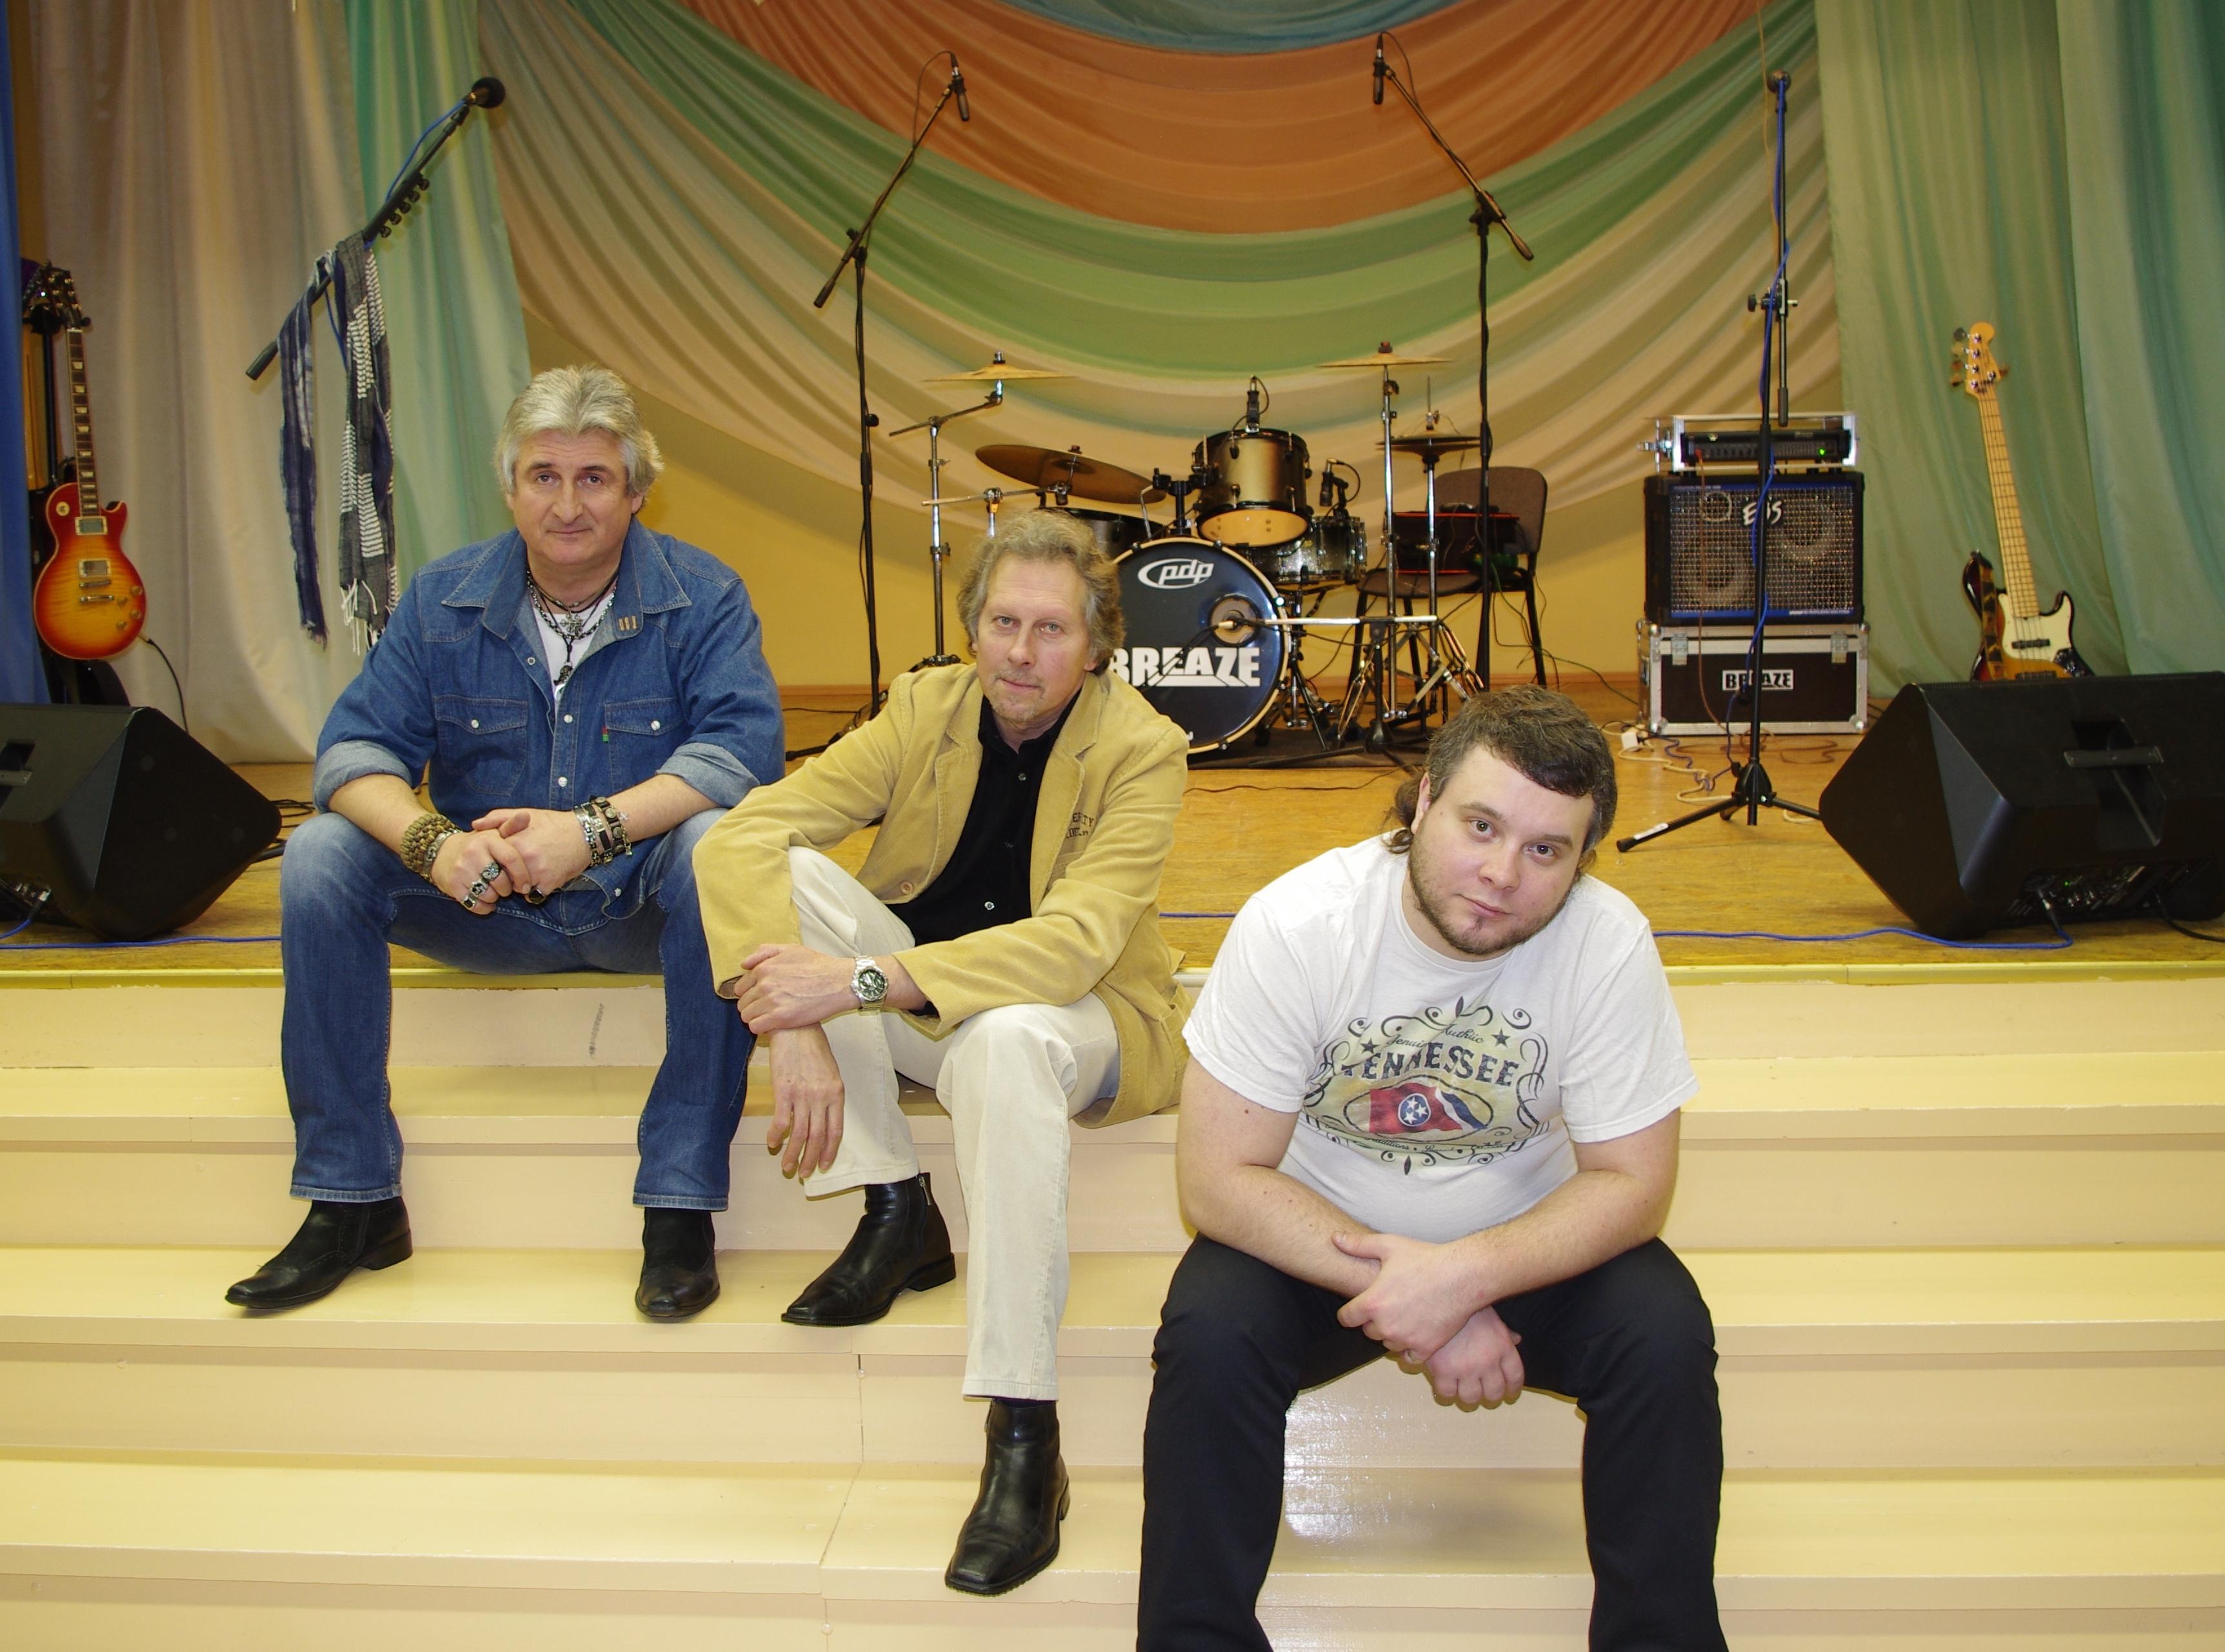 Рок-н-блюз группа Breaze (Клайпеда) на VI битломанский фестиваль искусств «All We Need Is Love&Peace! (Всё, что нам нужно, - это Любовь и Мир!)»